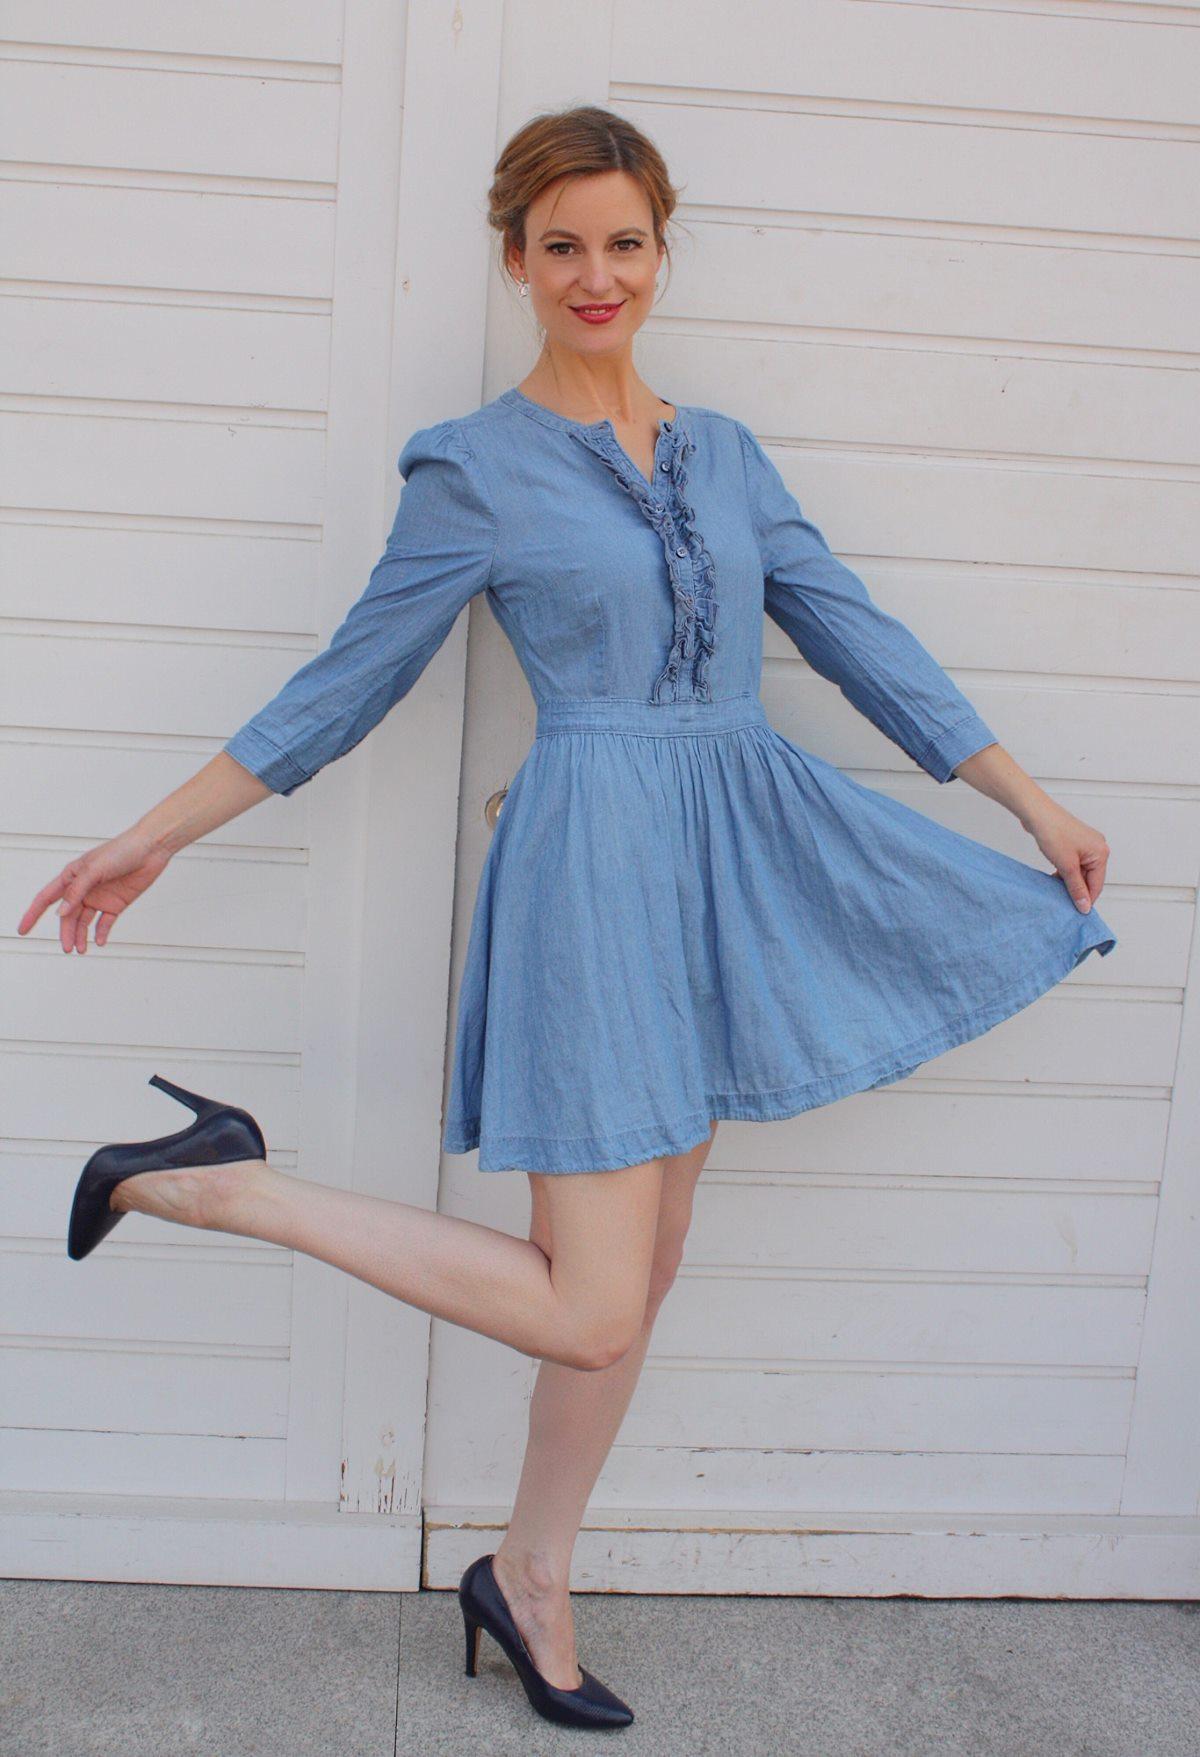 Blaues Kleid mit Rüschen und schwarze Pumps